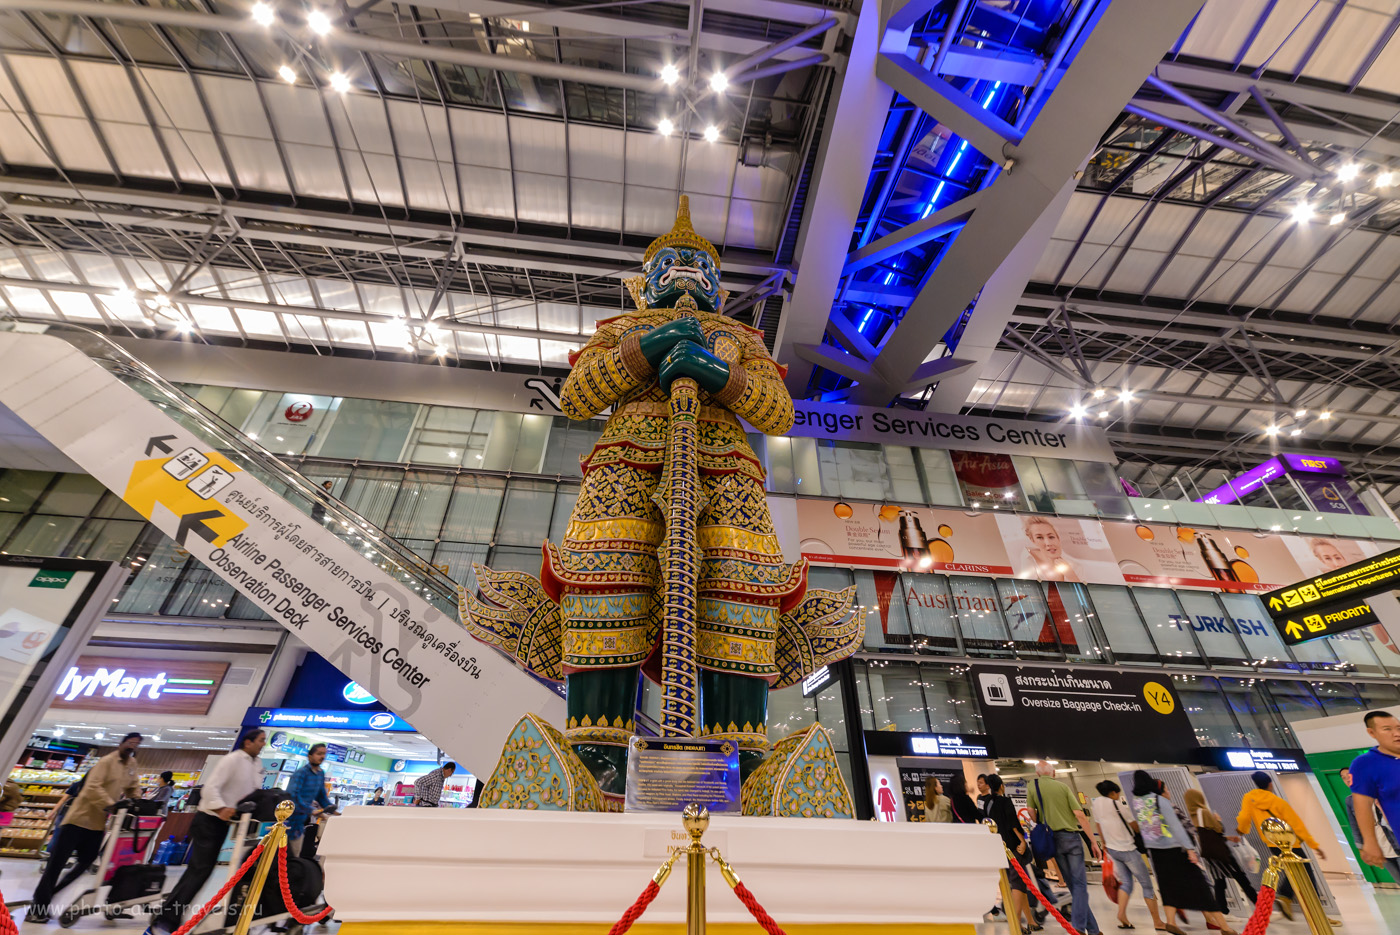 """Фото 34. «Хранитель» сторожит вход на смотровую площадку """"Observation desk"""" в зале вылета аэропорта «Суварнабхуми» в Бангкоке. Советы отдыхающим в Таиланде. 1/30, +0.33, 3200, 14."""